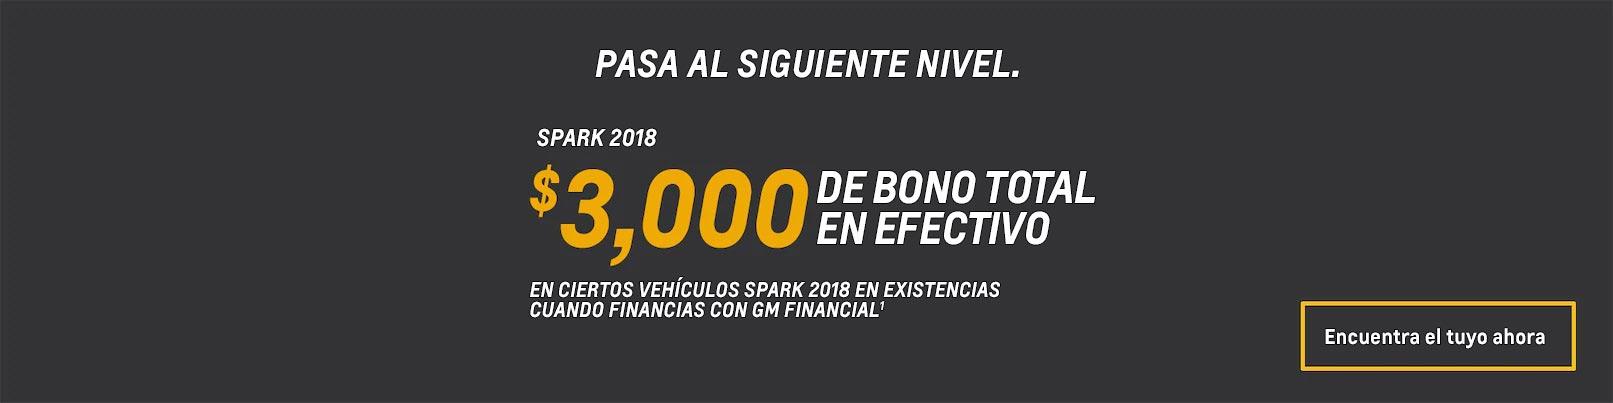 Ofertas en autos subcompactos Spark 2018